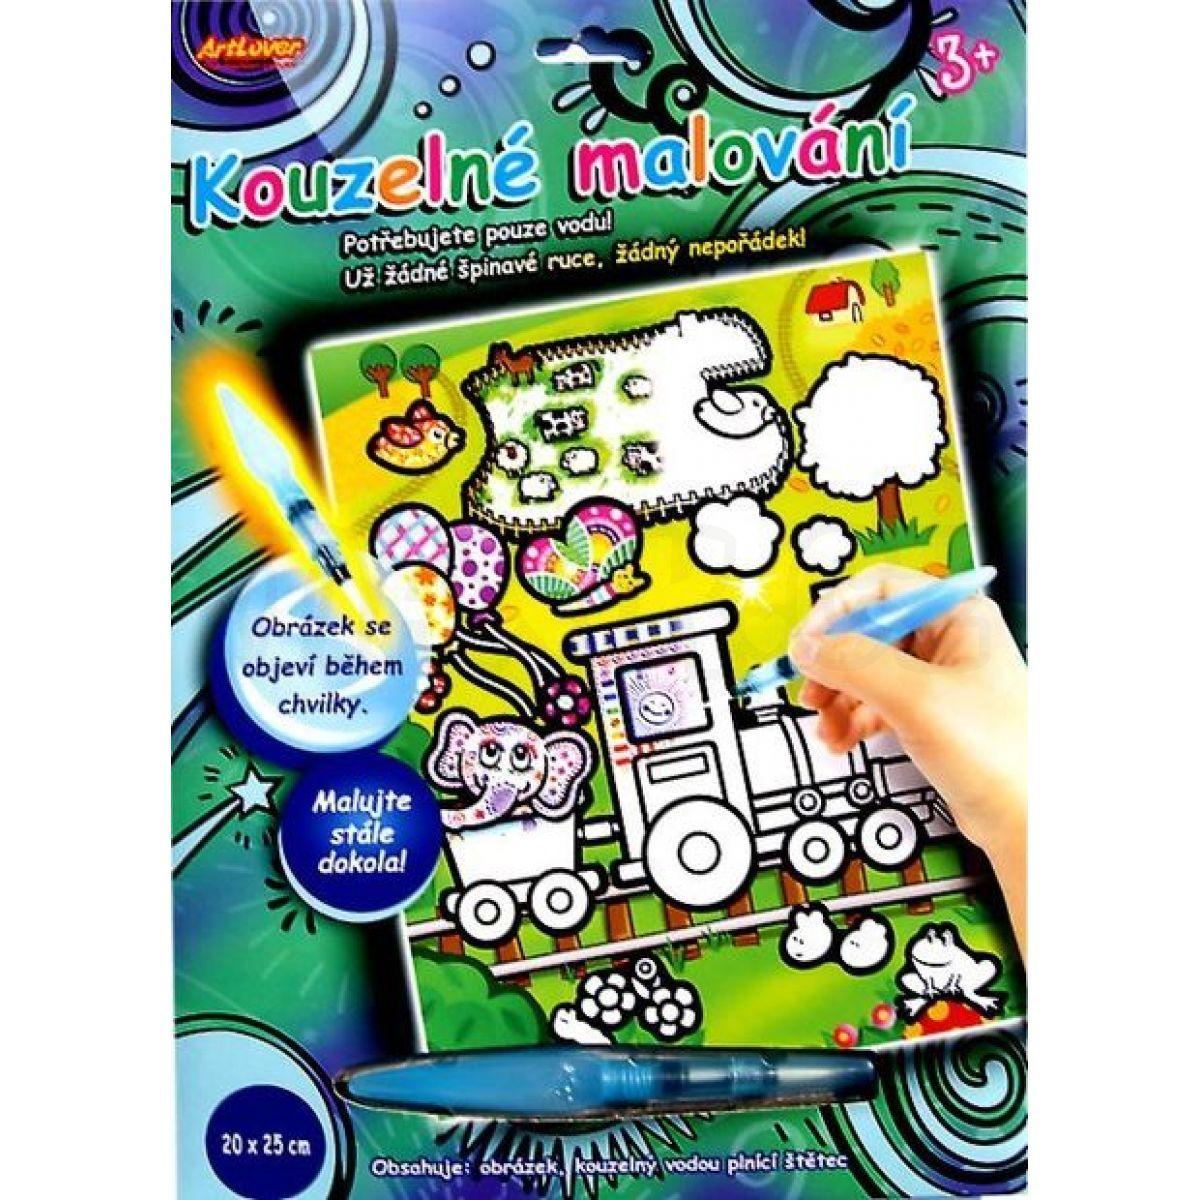 29eabe058 Kouzelné malování vodou - Mašinka | Maxíkovy hračky